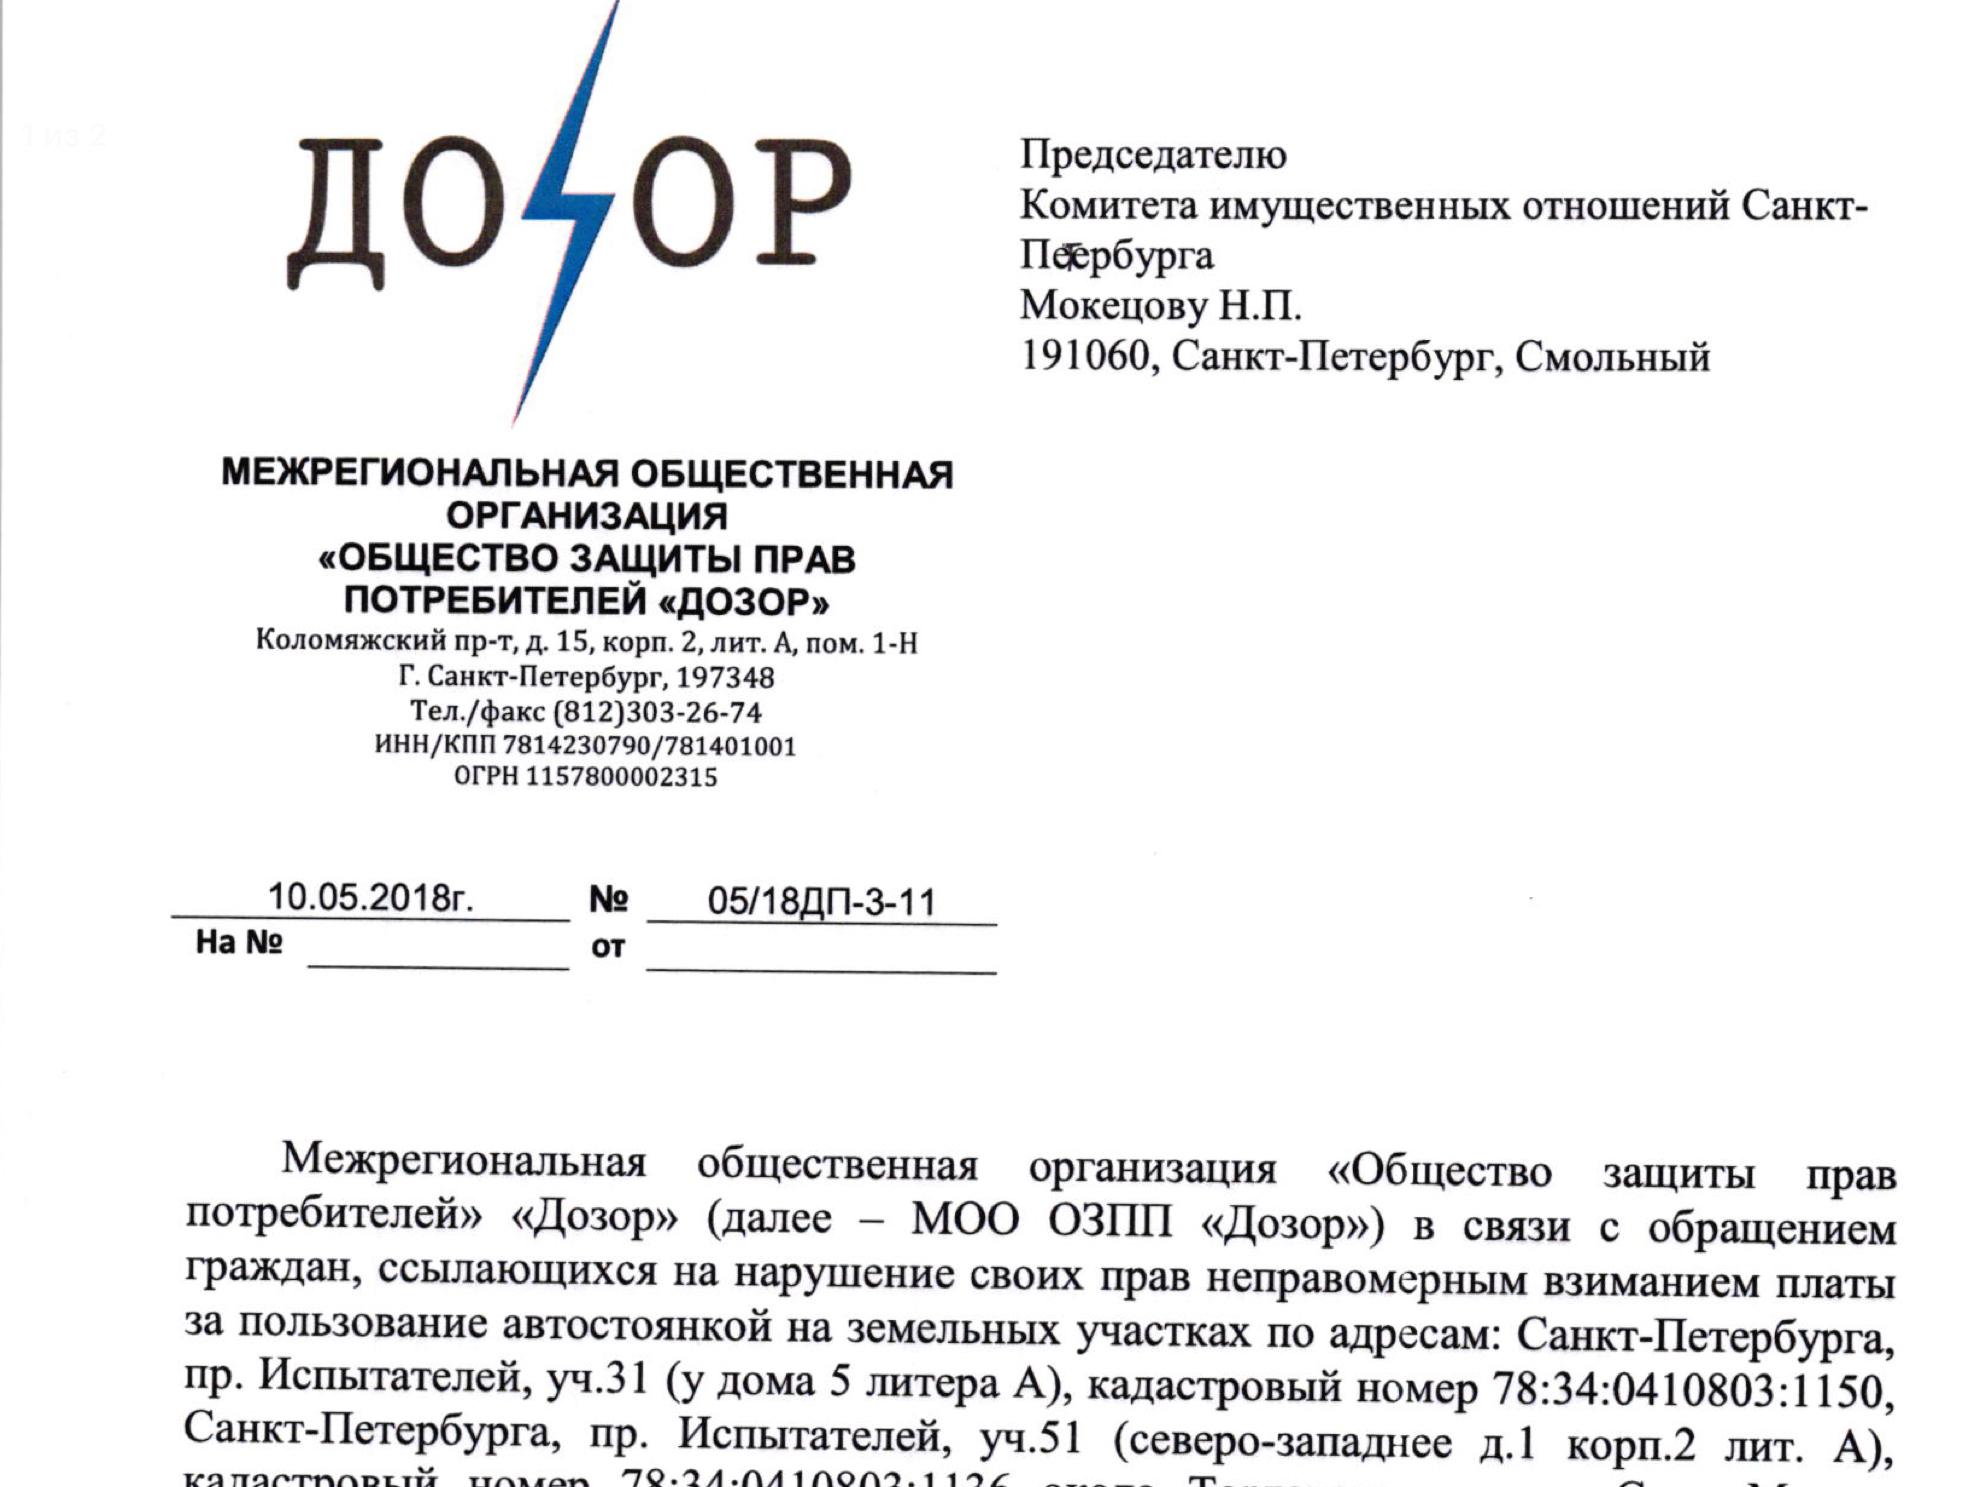 Обращение в КИО Санкт-Петербурга в связи с обращениями граждан ссылающихся на нарушение их прав неправомерным взыманием платы за пользование автостоянкой около ТЦ «Сити Молл»